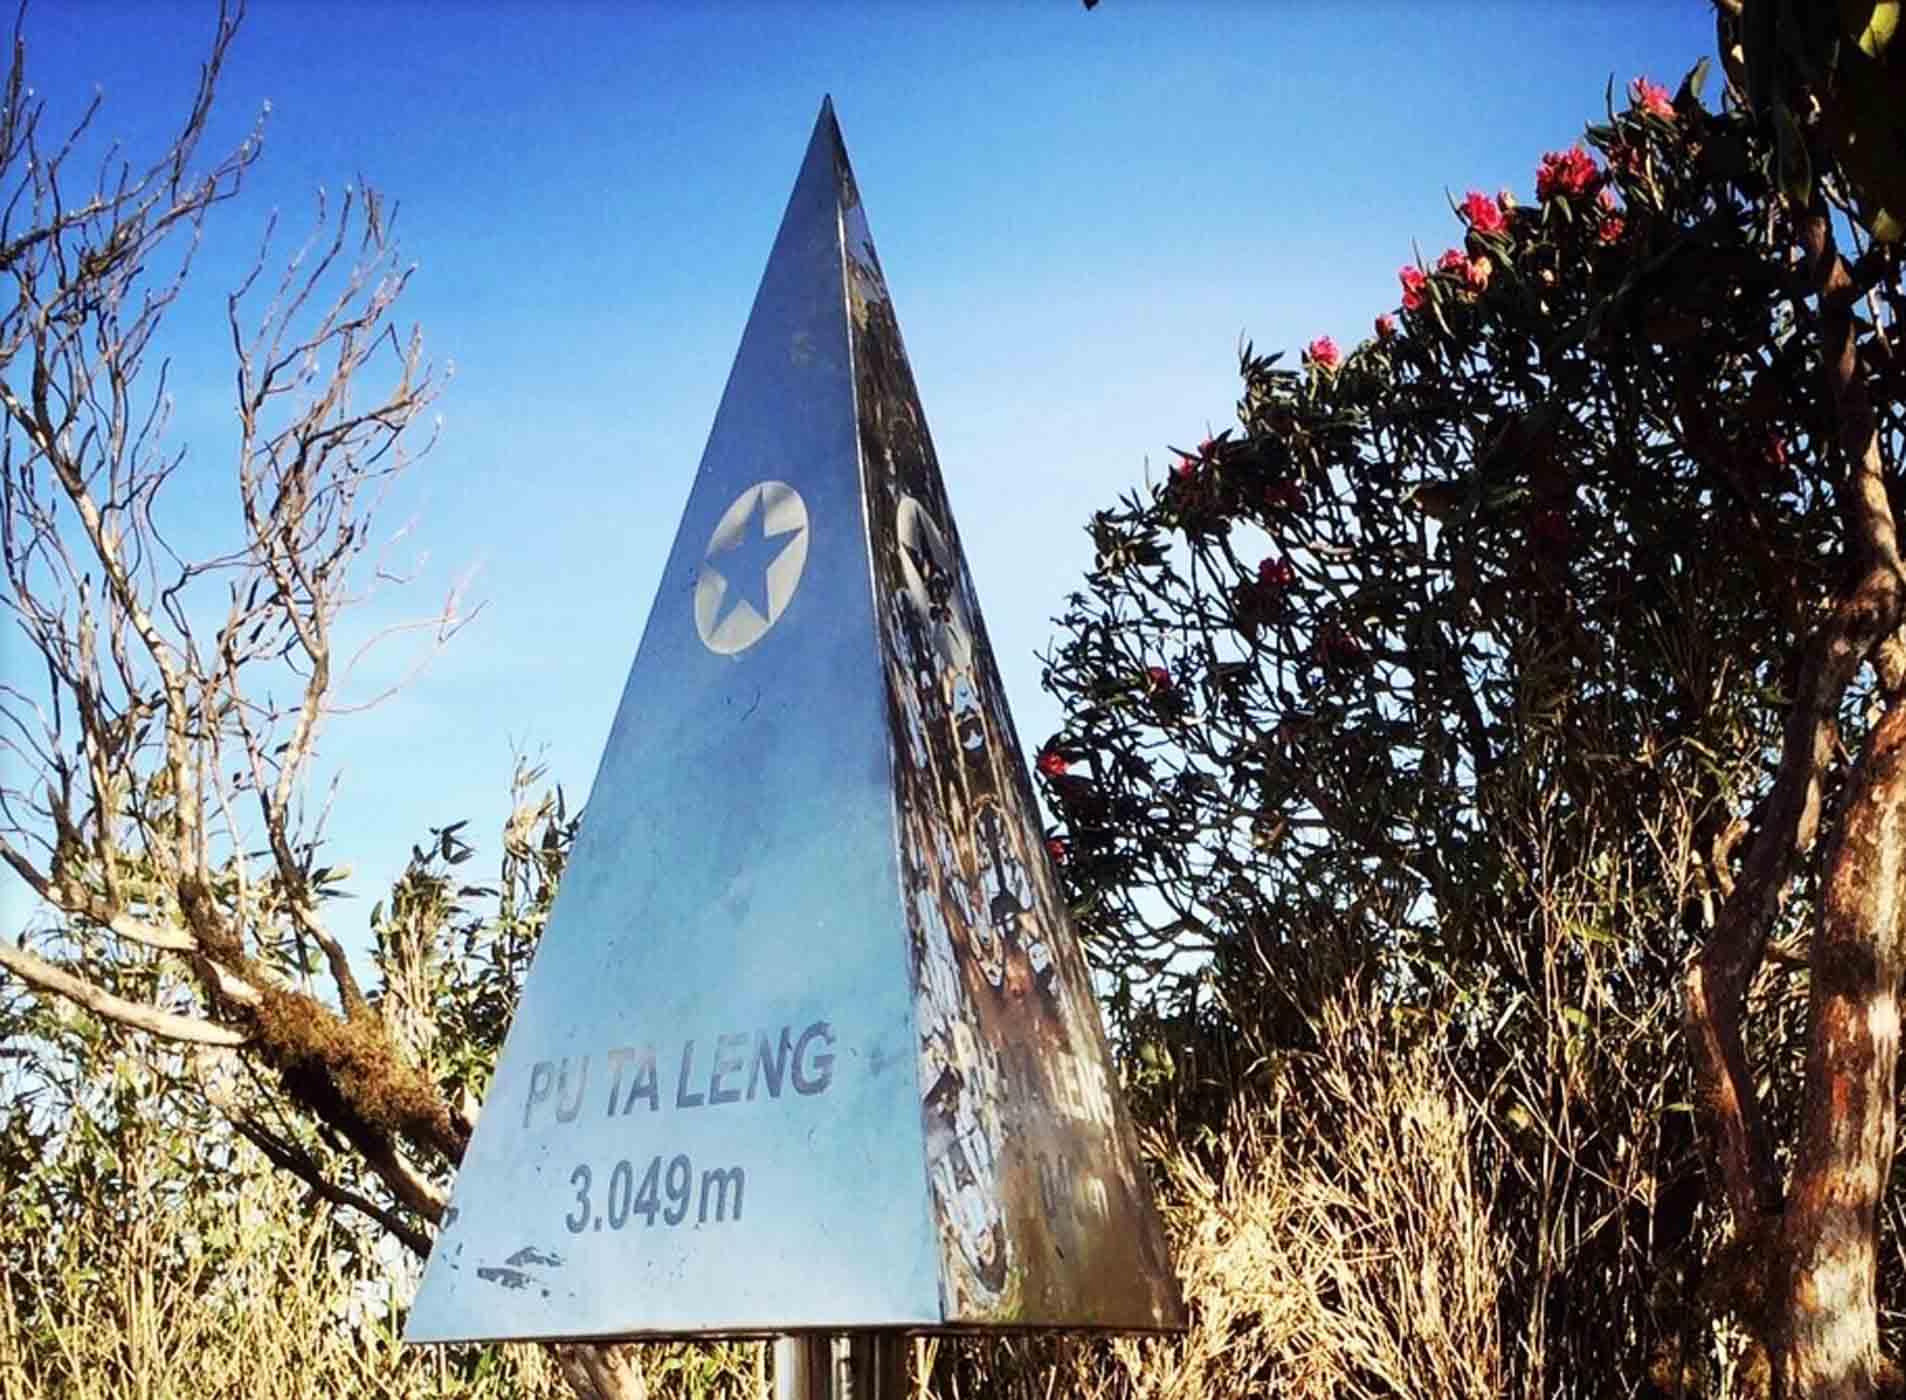 Cột mốc đỉnh Putaleng